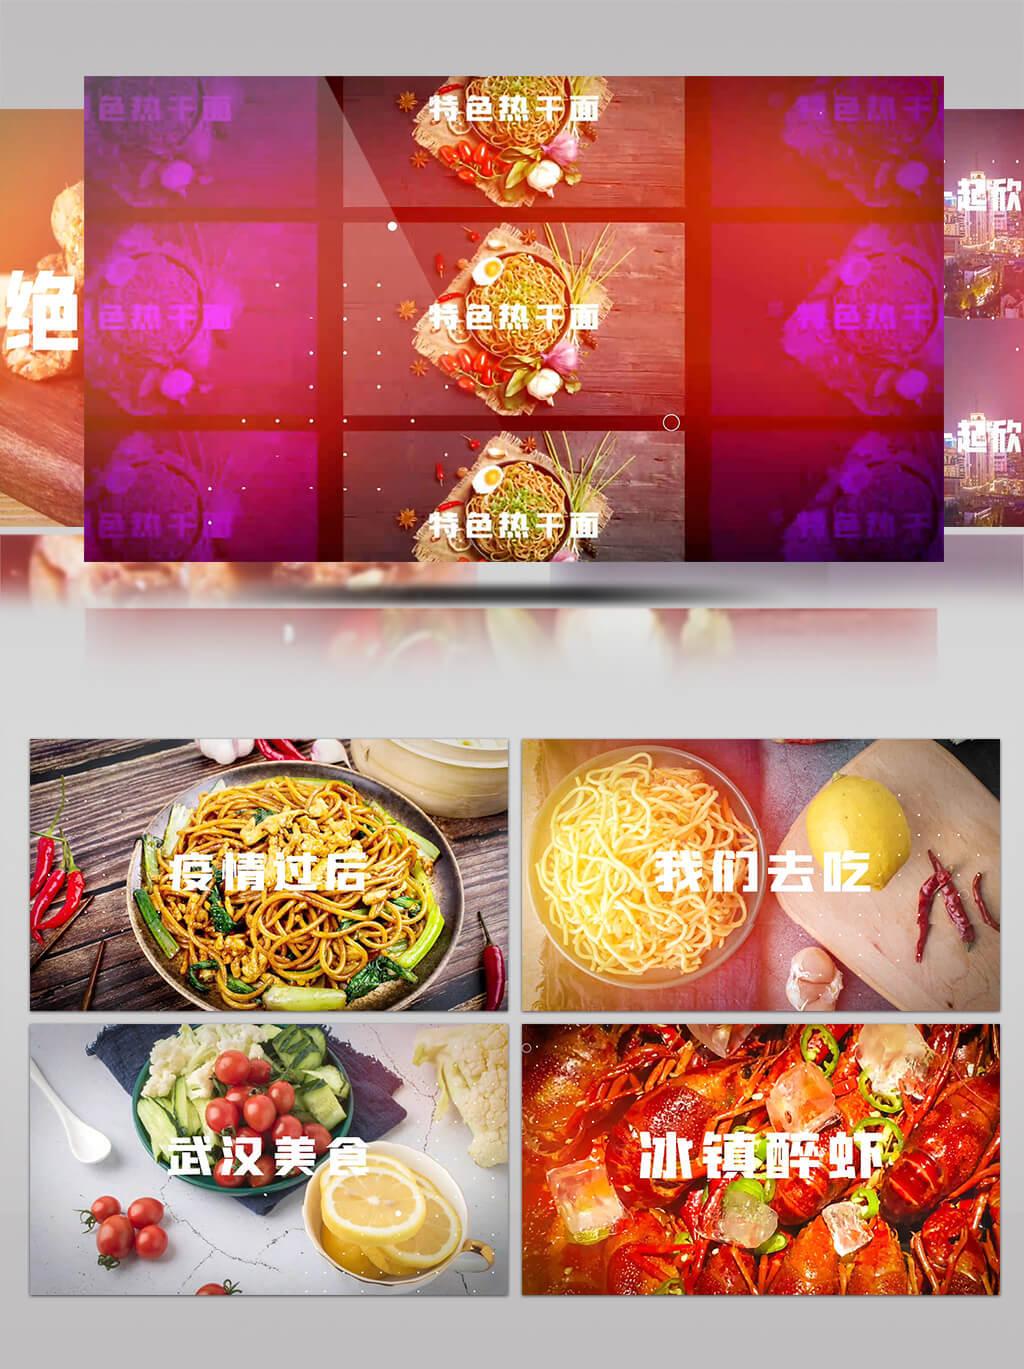 武汉城市美景美食快闪图文宣传